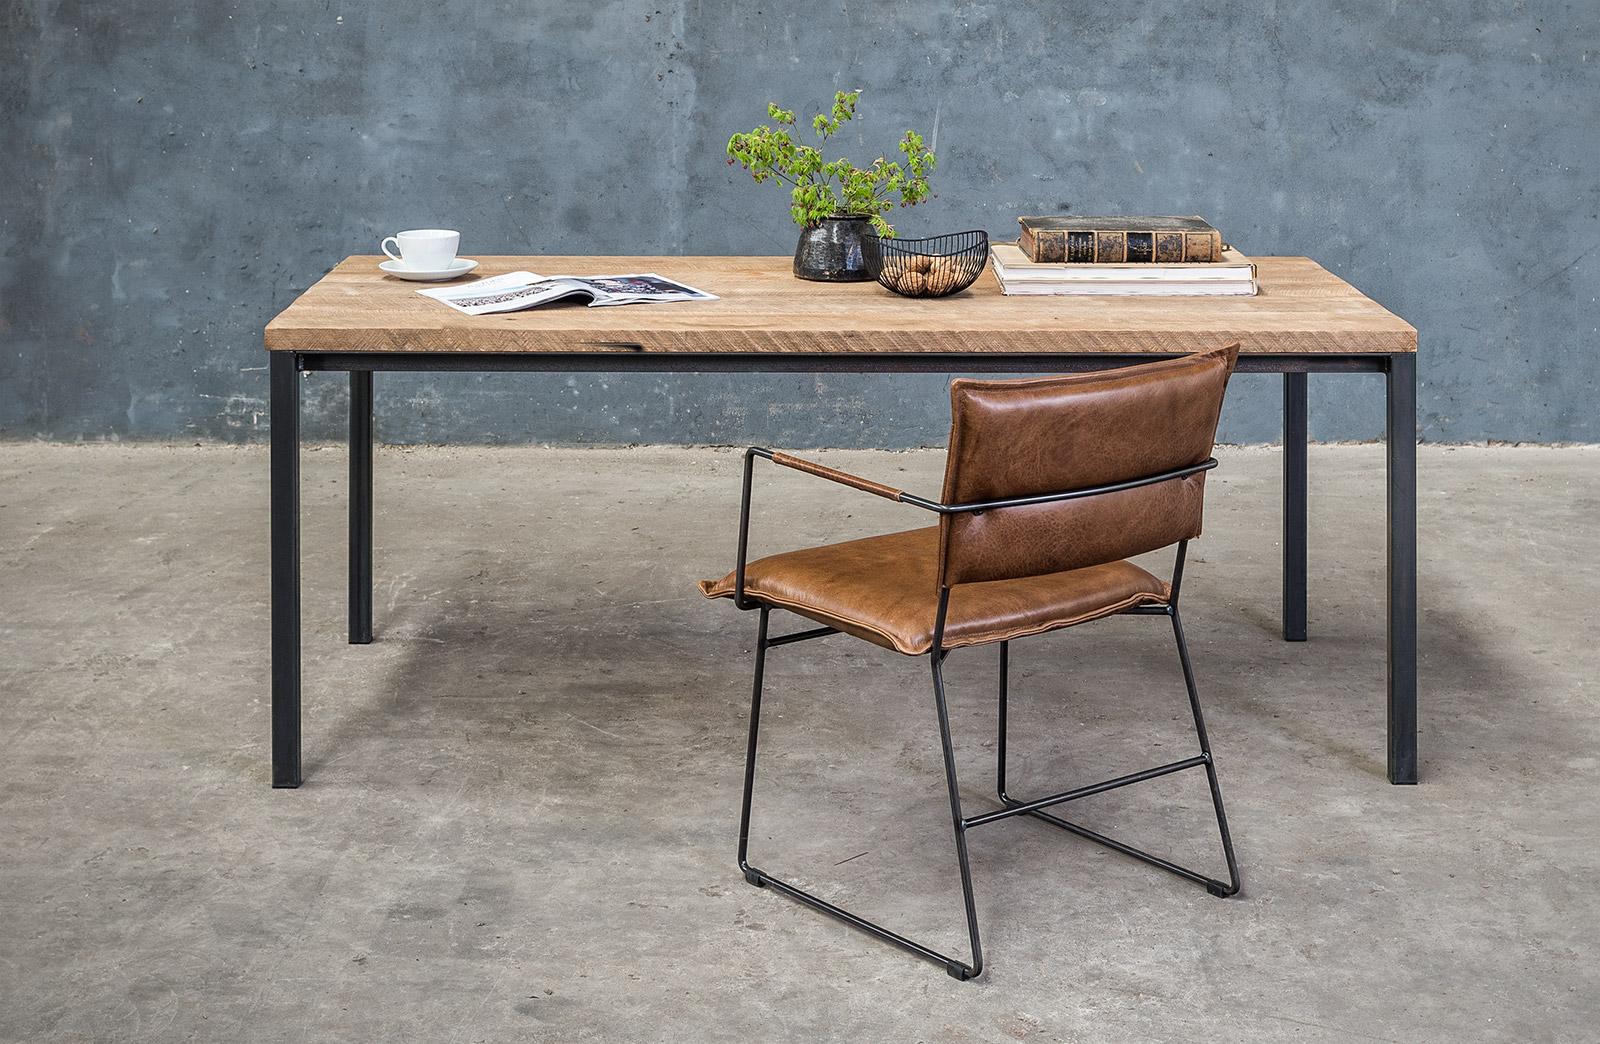 Witte houten tafel 200 meter beste inspiratie voor huis ontwerp - Eettafel houten ontwerp ...